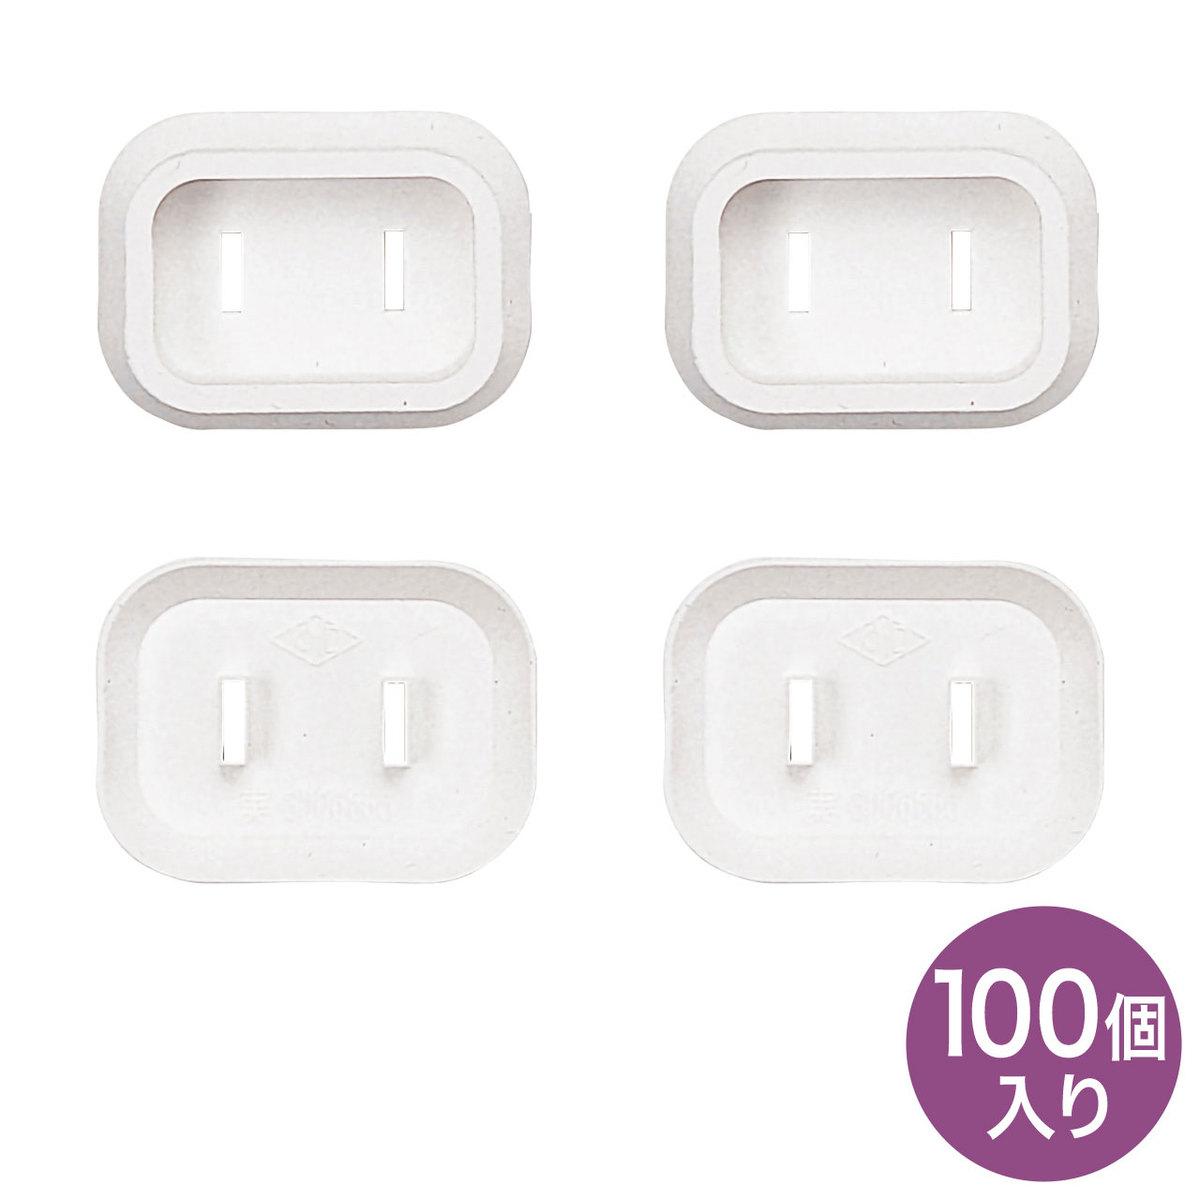 [TAP-PSC1N100] プラグ安全カバー(ホワイト・100個入り)